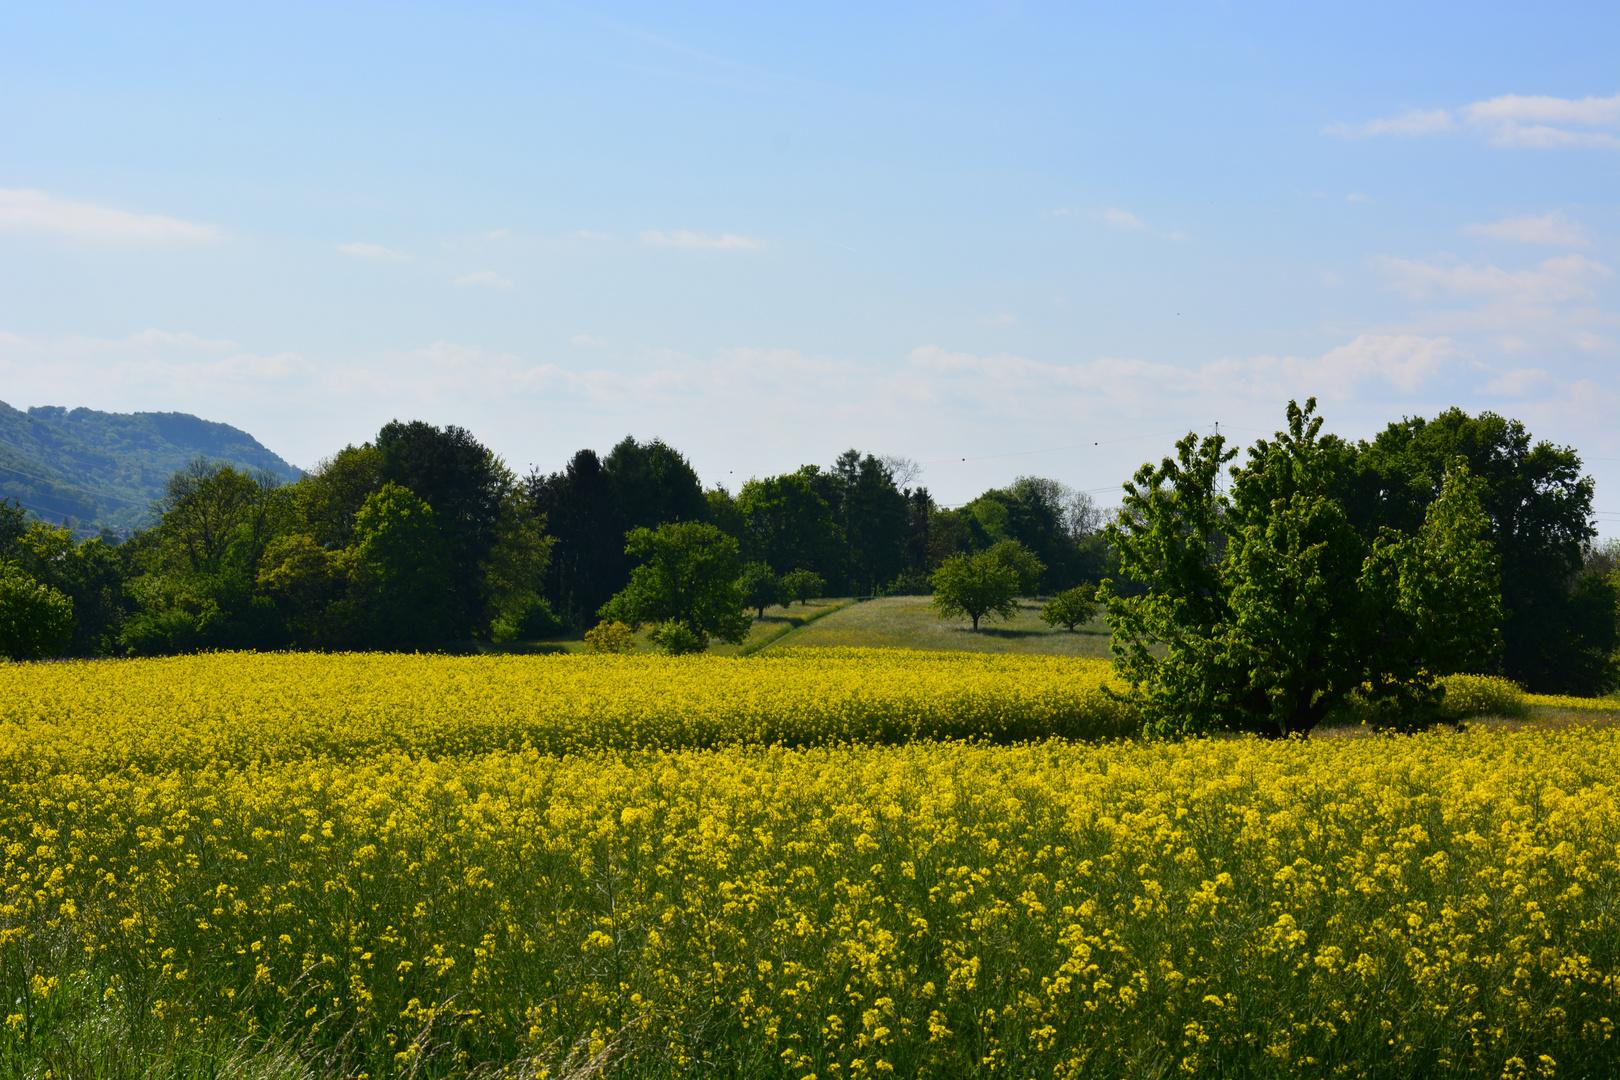 Rapsfeld mit Wald im Hintergrund